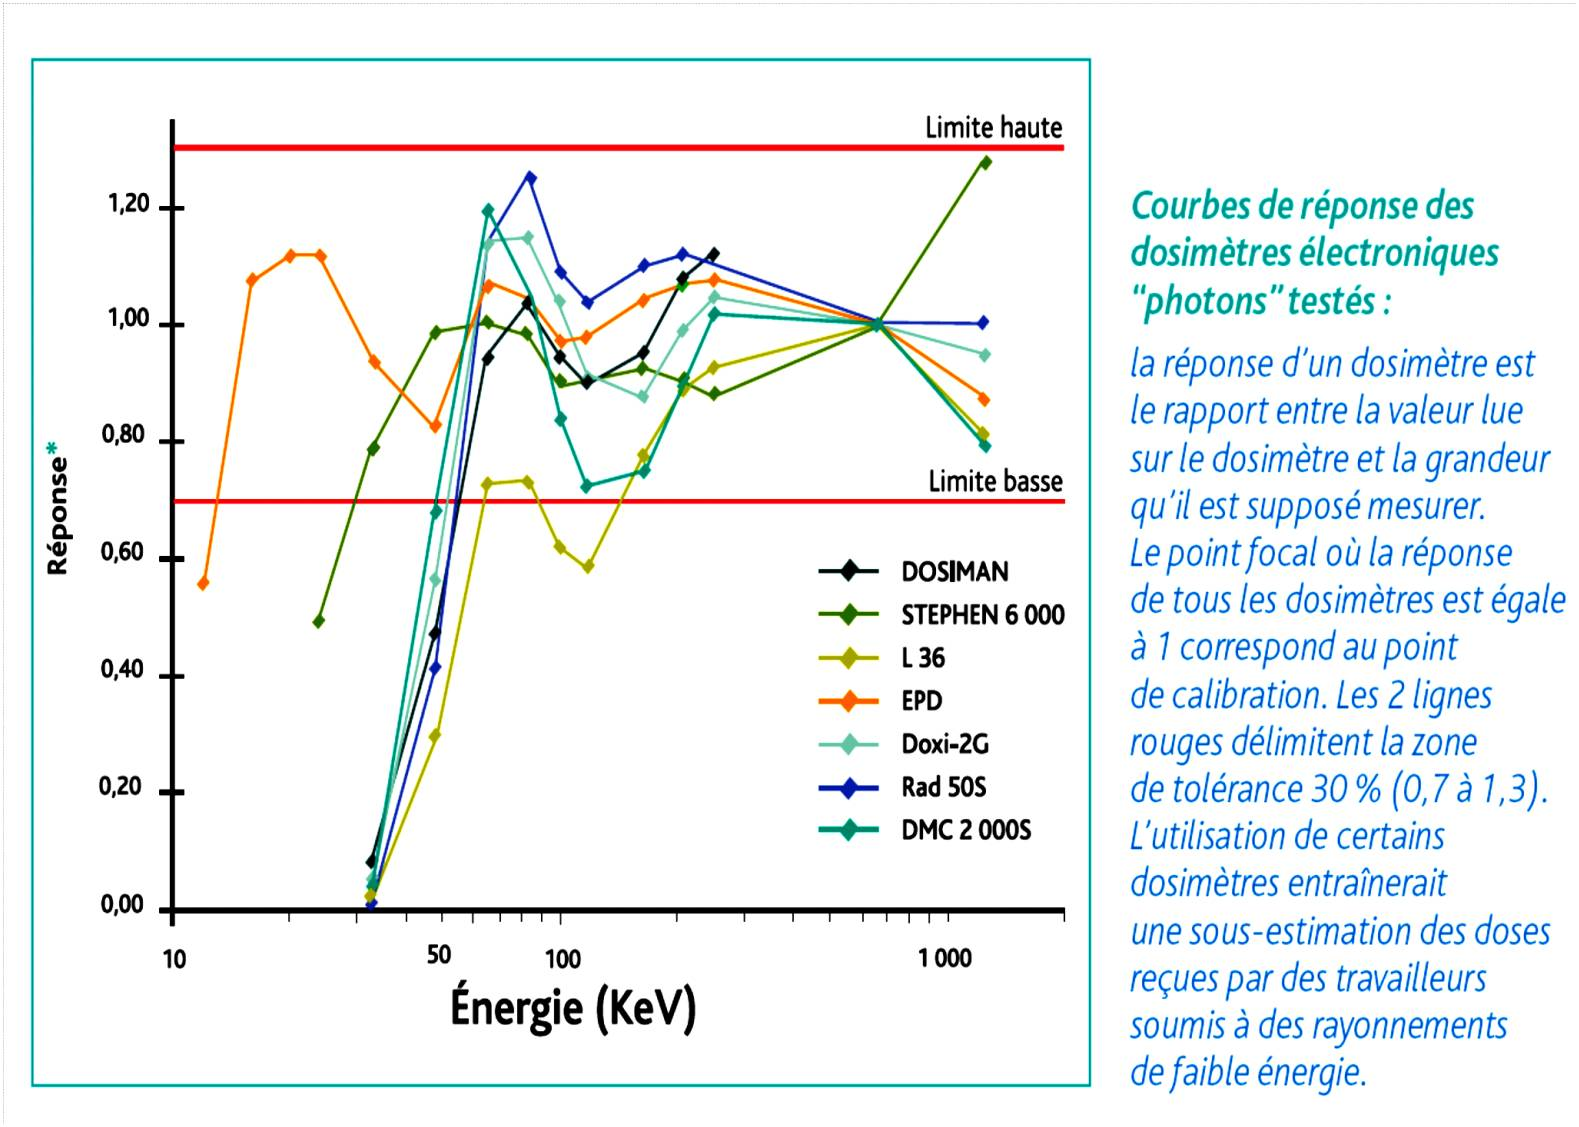 Courbe de réponse en énergie de dosimétre opérationnelle Comp11